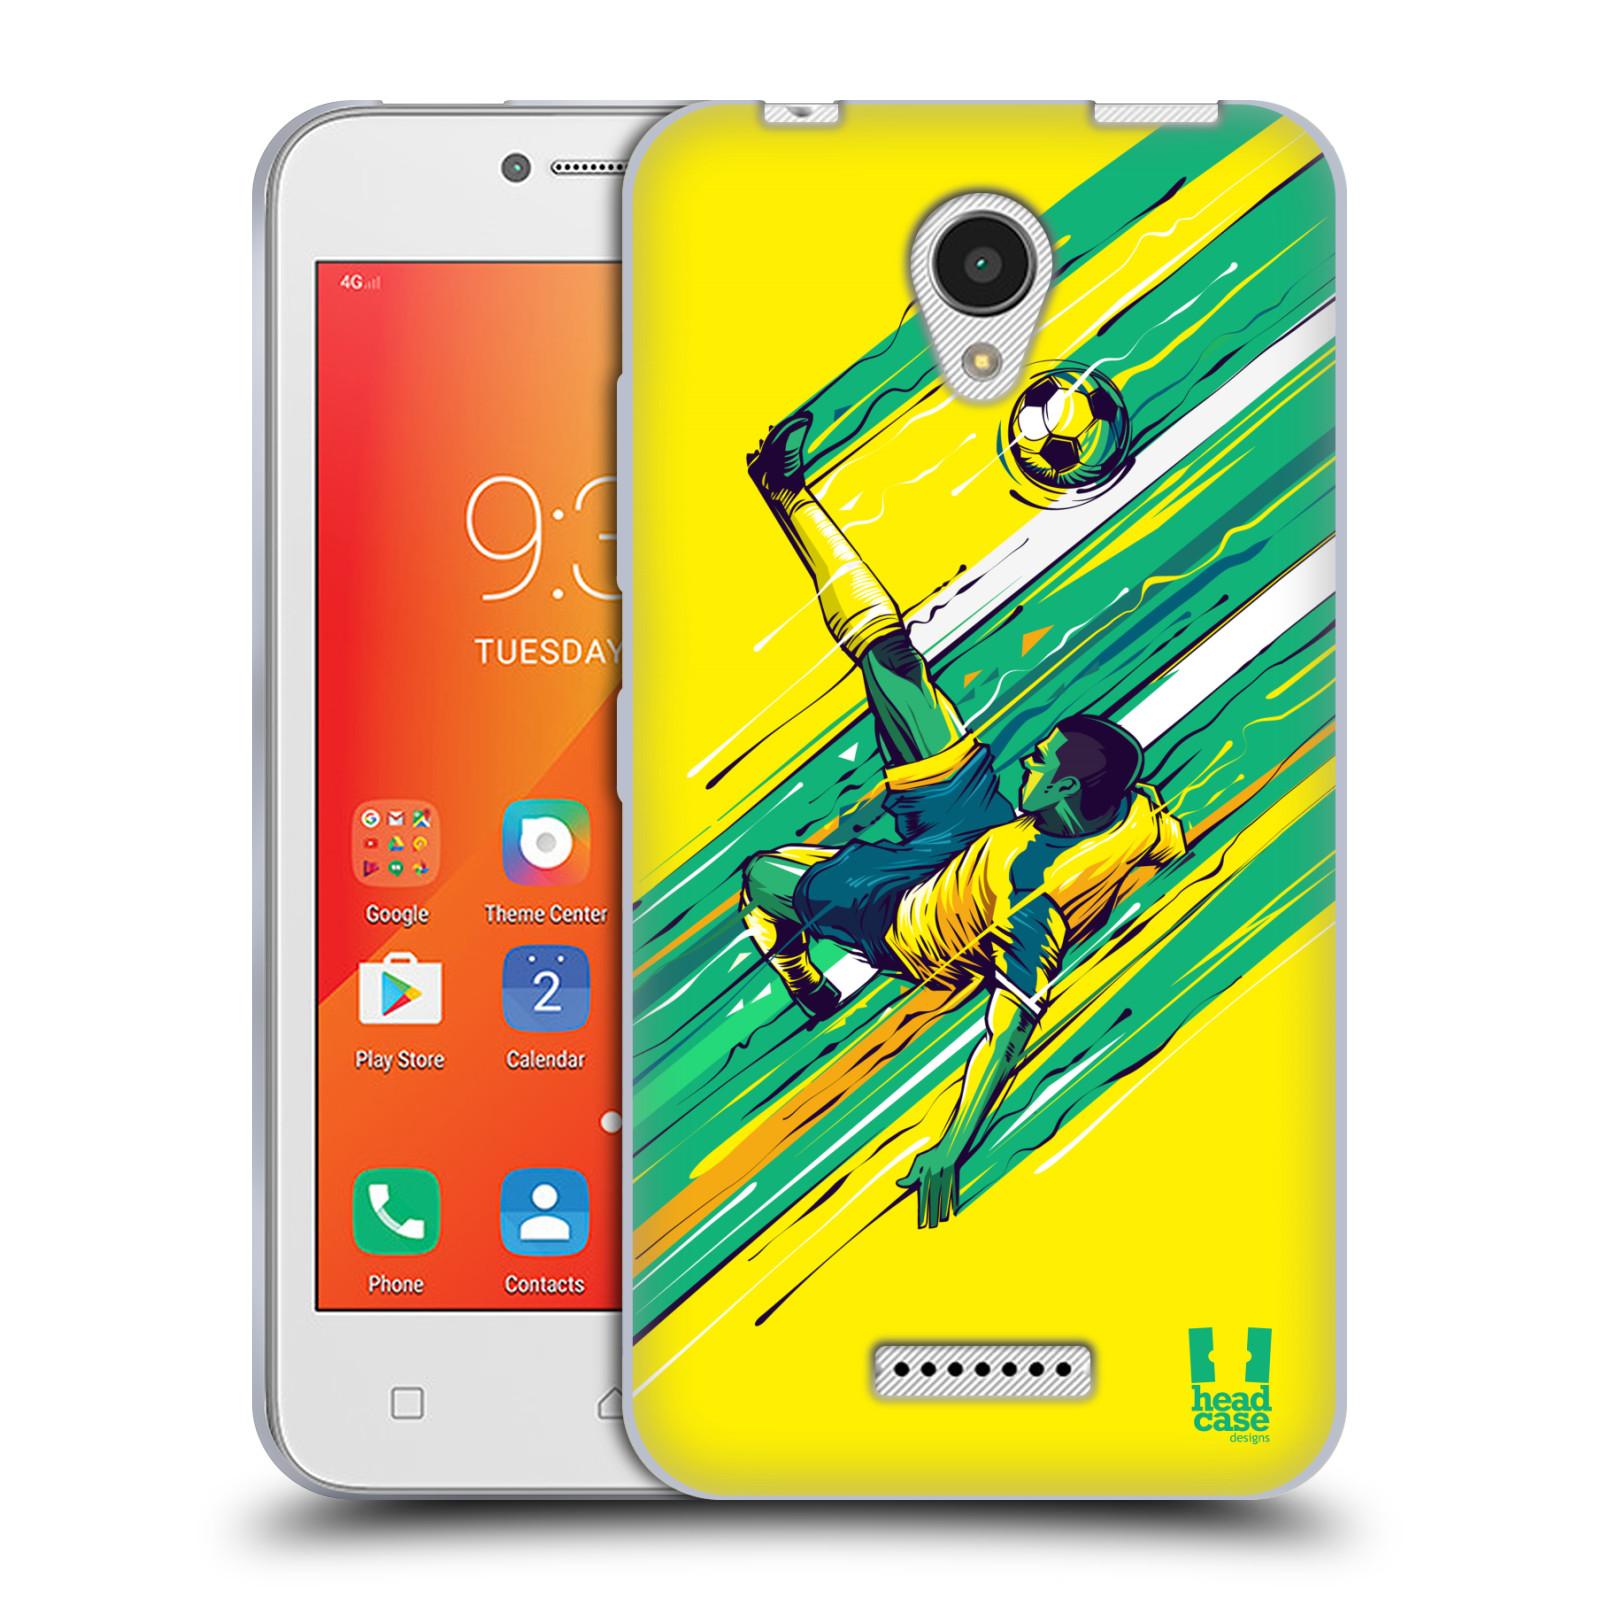 HEAD CASE silikonový obal na mobil Lenovo A PLUS Sport fotbal kreslený nůžky